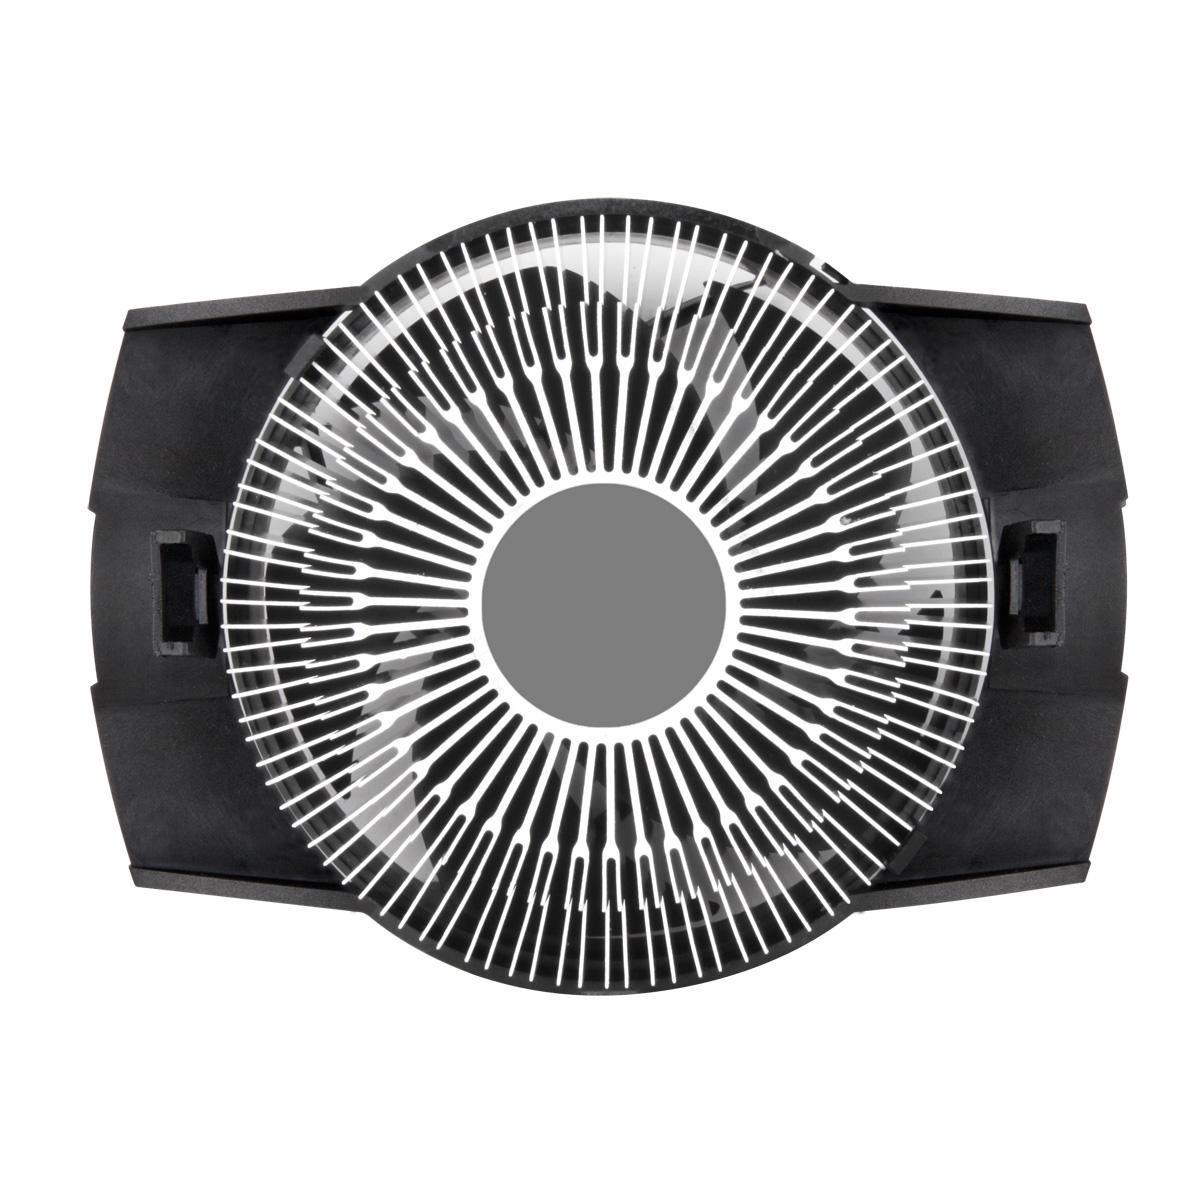 Kompakter AMD CPU-Kühler für Dauerbetrieb ARCTIC Alpine AM4 CO Rückansicht